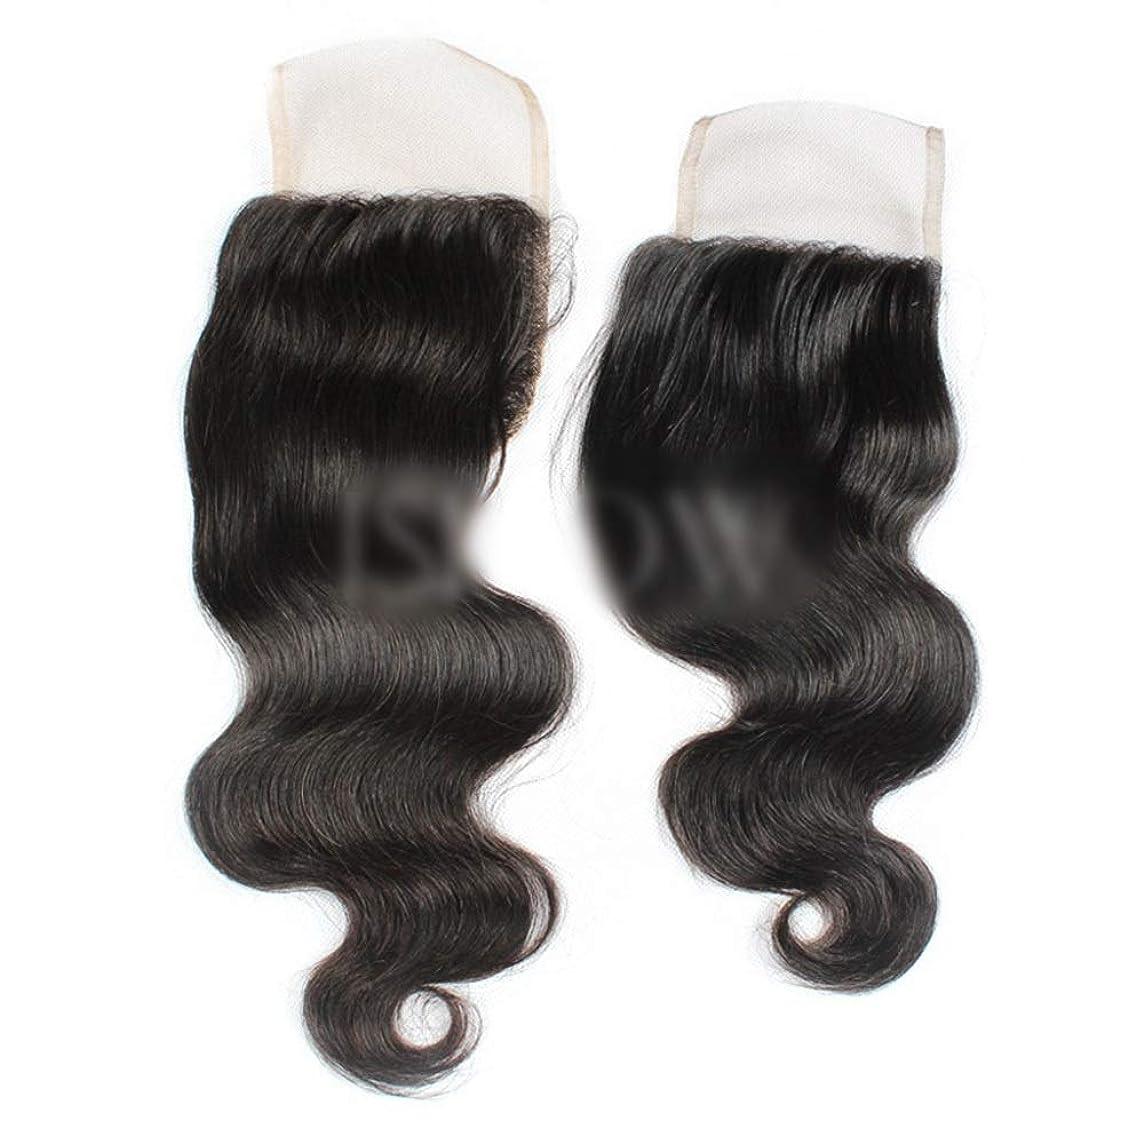 おっと運ぶ従順なBOBIDYEE ブラジル実体波無料パート4×4レース前頭閉鎖人間の髪の毛の自然な黒い色(8インチ-20インチ)合成髪レースかつらロールプレイングかつらロングとショートの女性自然 (色 : 黒, サイズ : 20 inch)